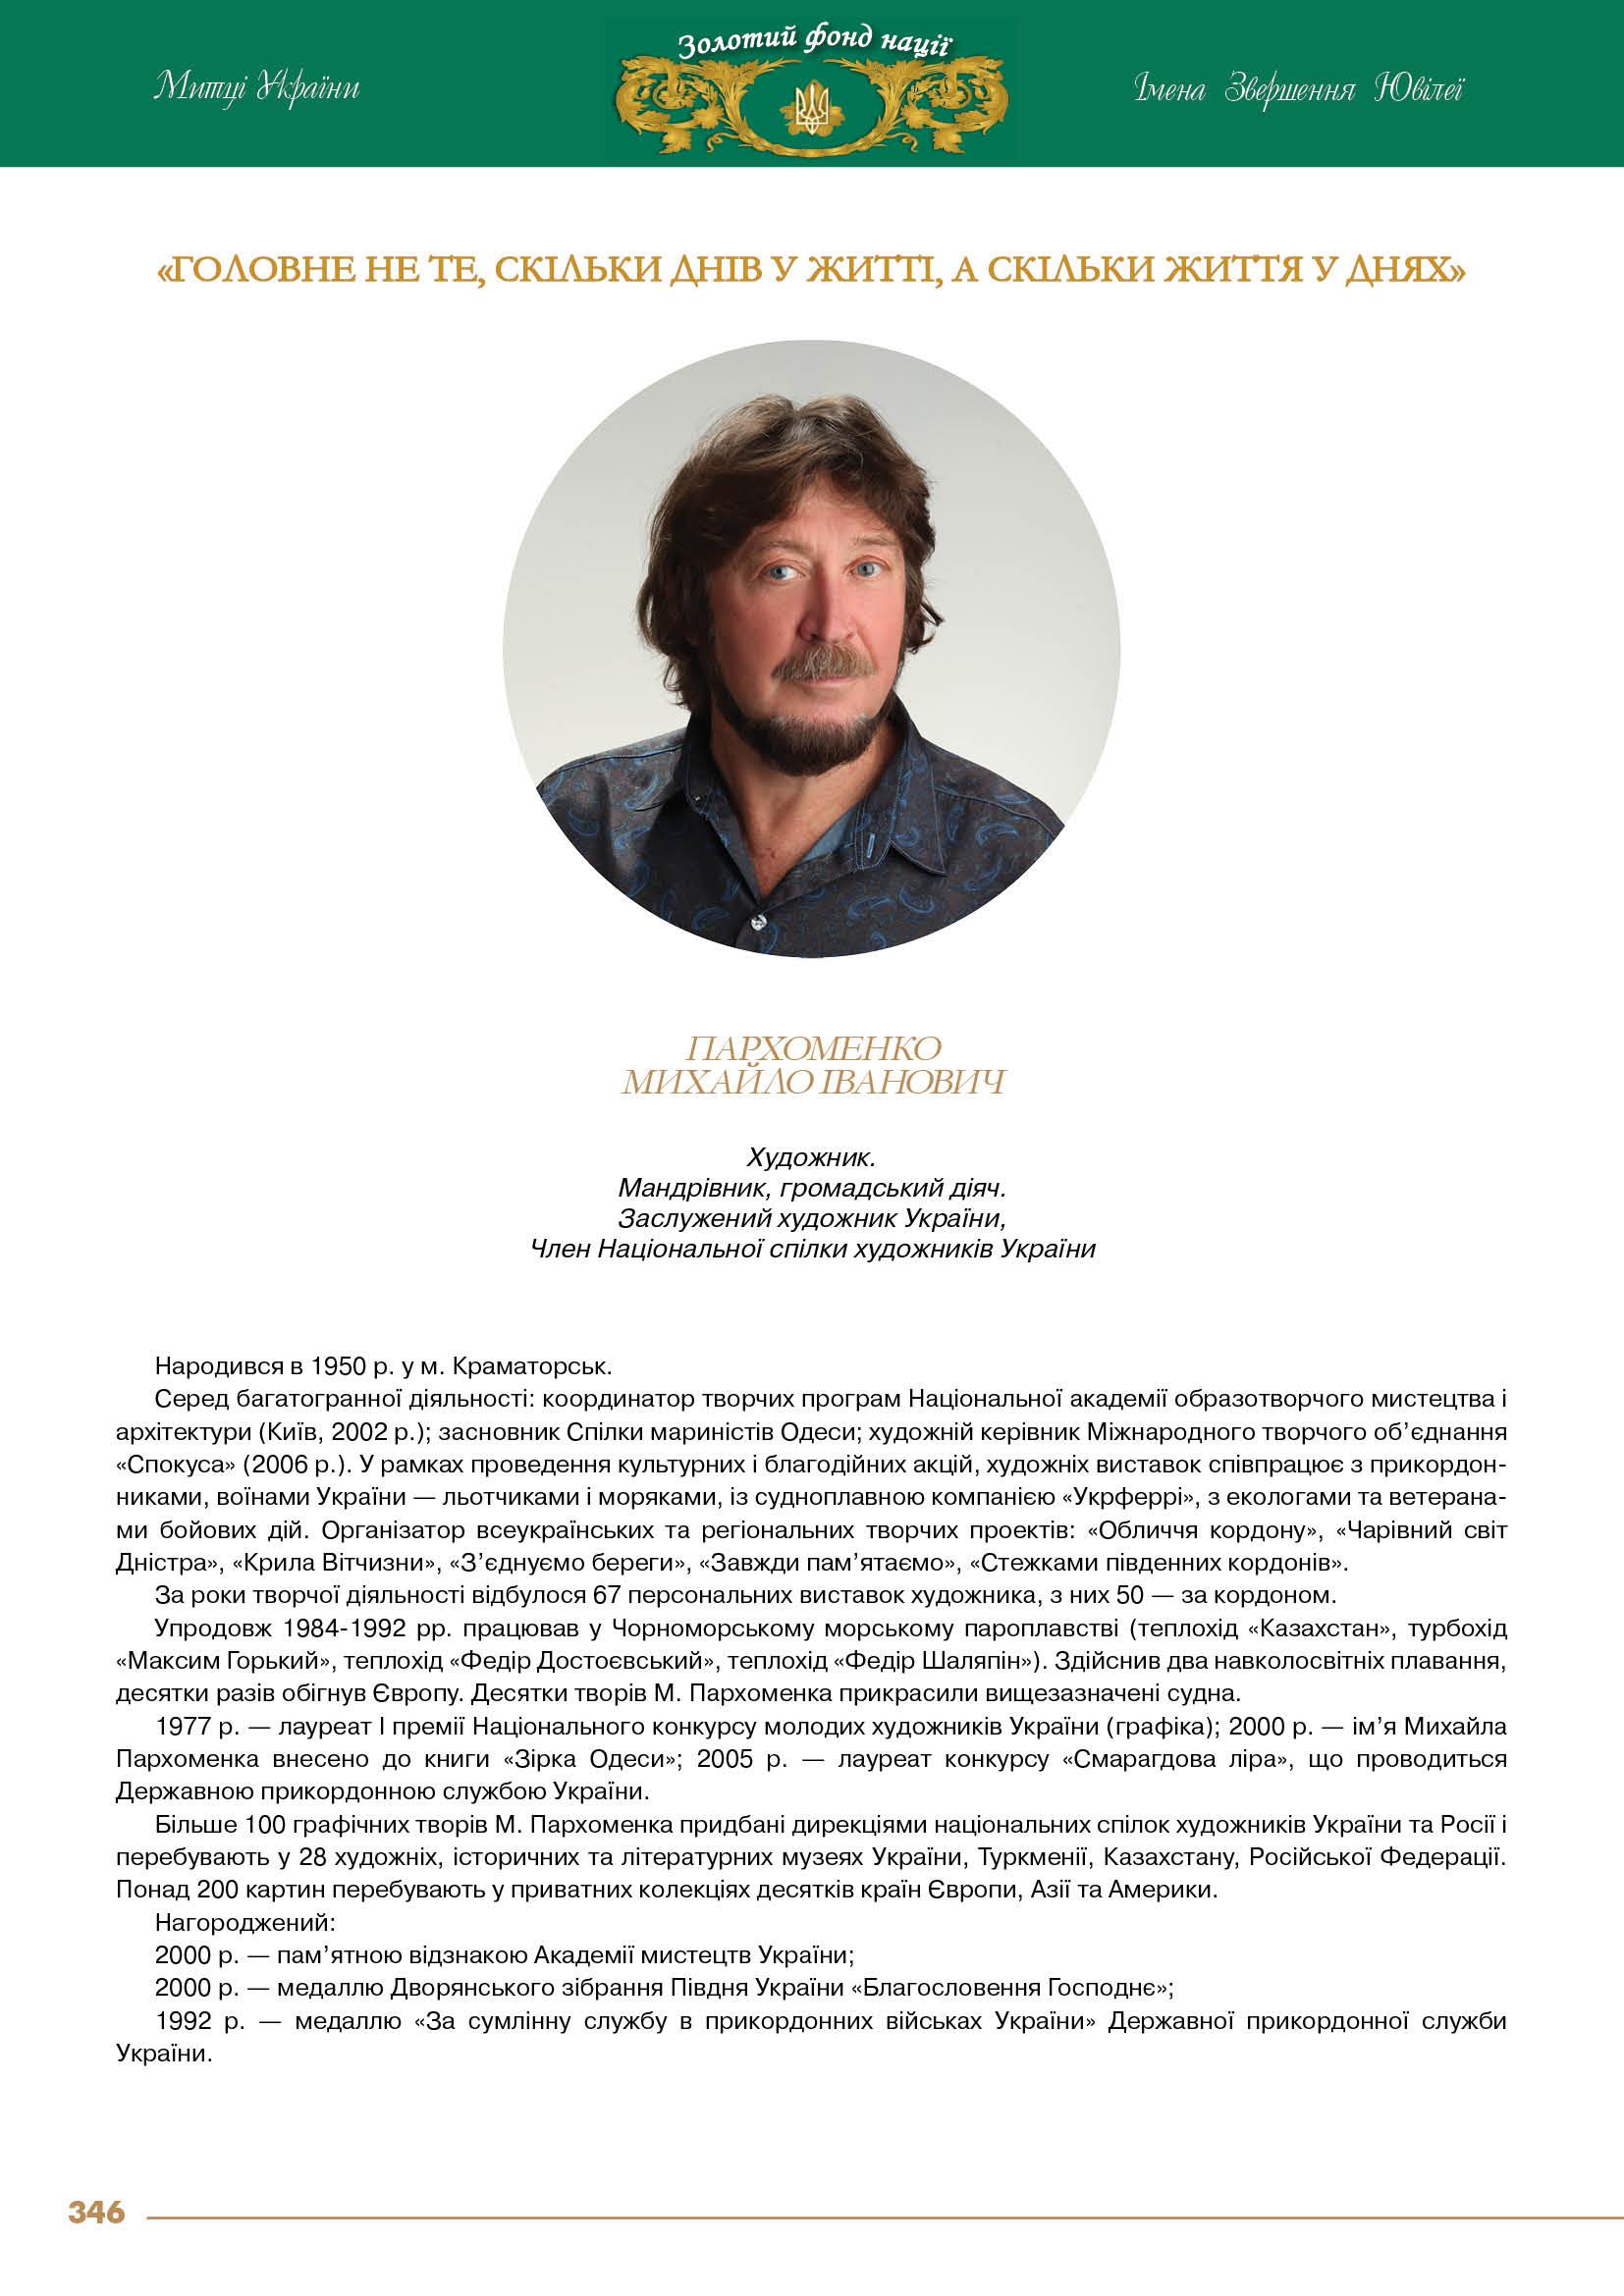 Пархоменко Михайло Іванович